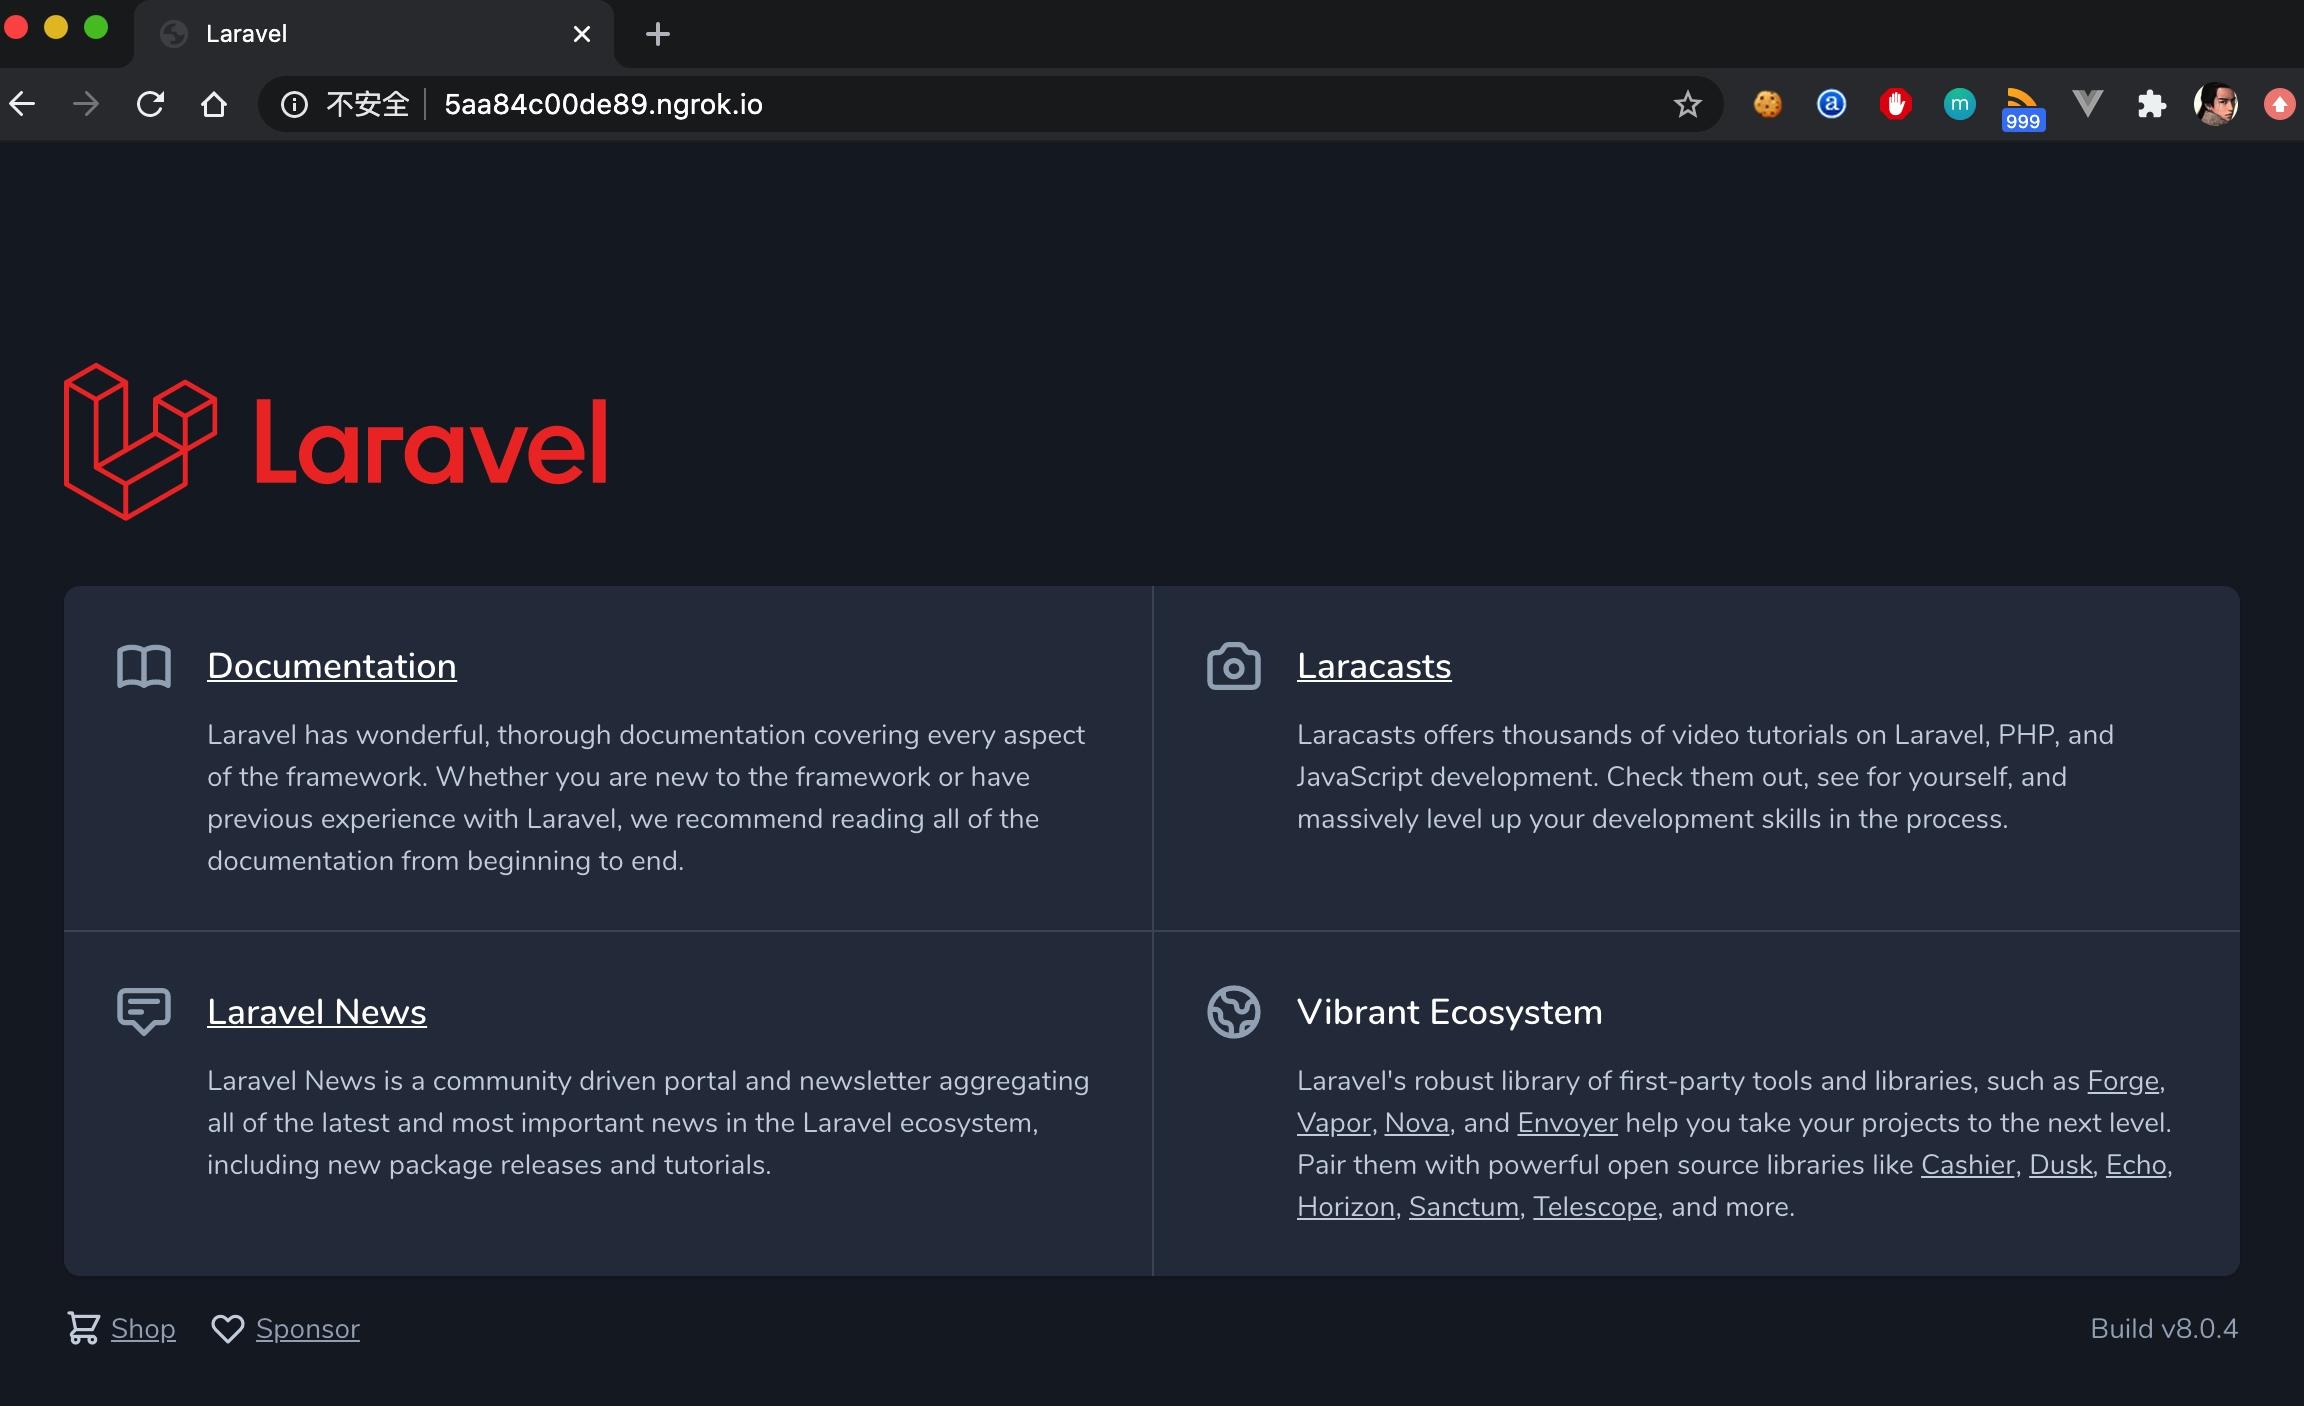 访问通过 Ngrok 分享的 Laravel 站点